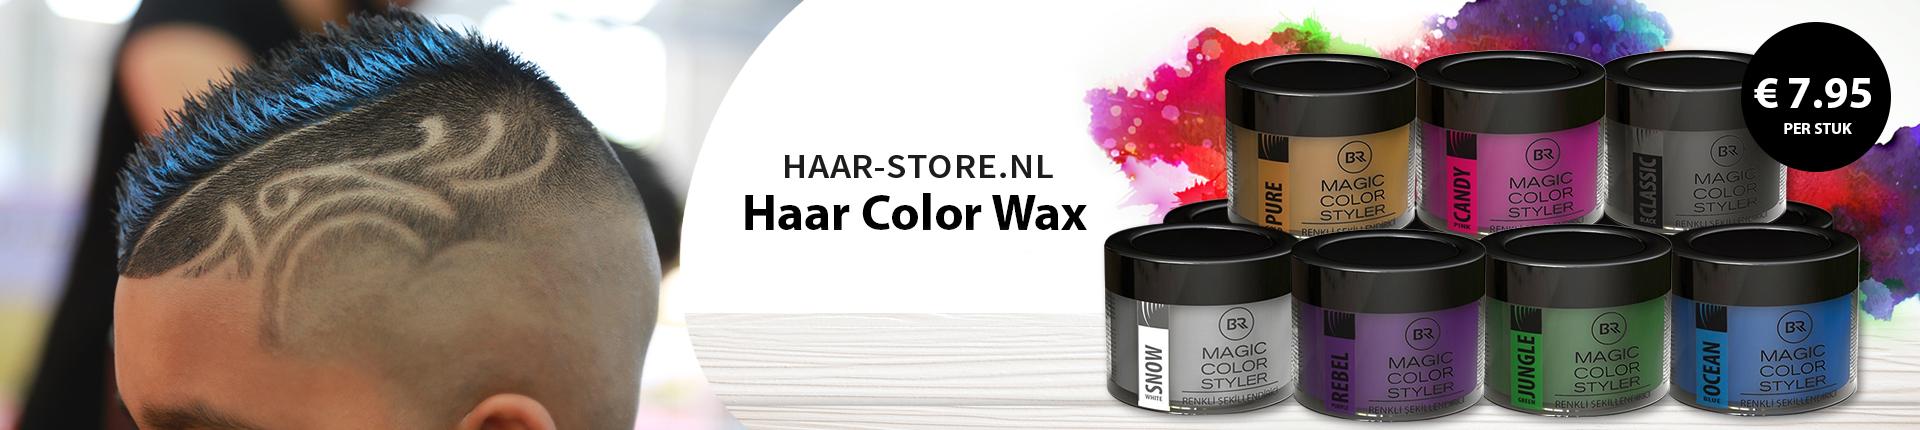 Color Wax - Haarproducten Kopen